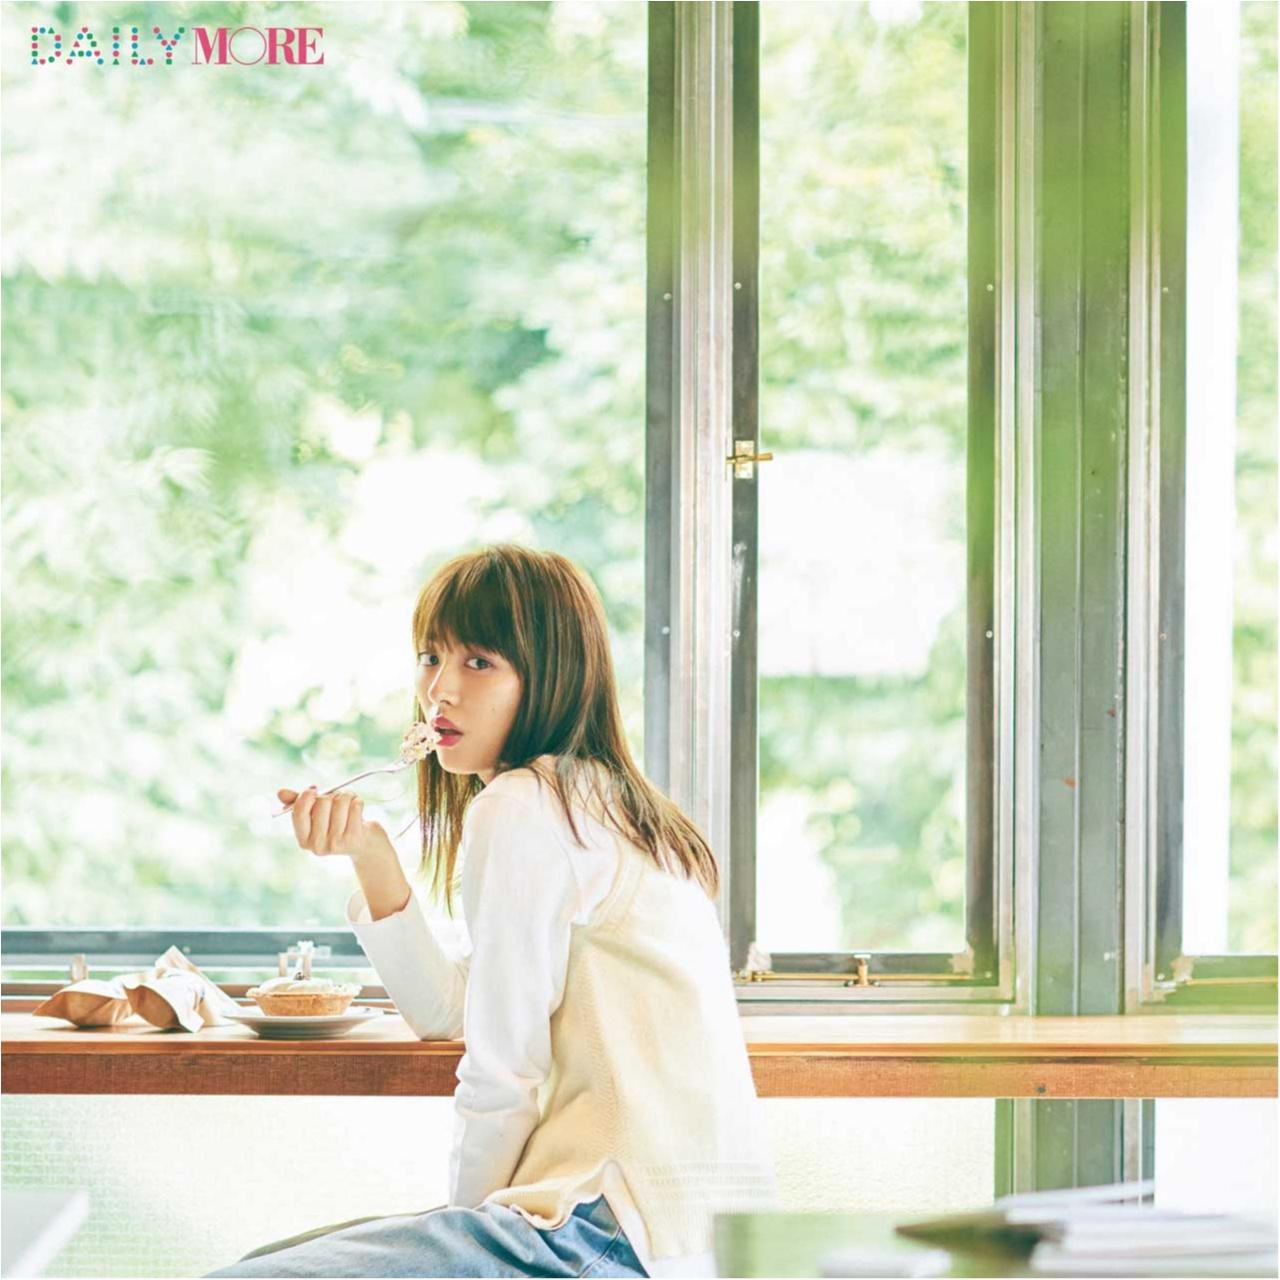 内田理央&イガリシノブさんが提案!「おひとりさまでケーキの日」は「ピーチリップ♡メイク」が断然可愛い♪_1